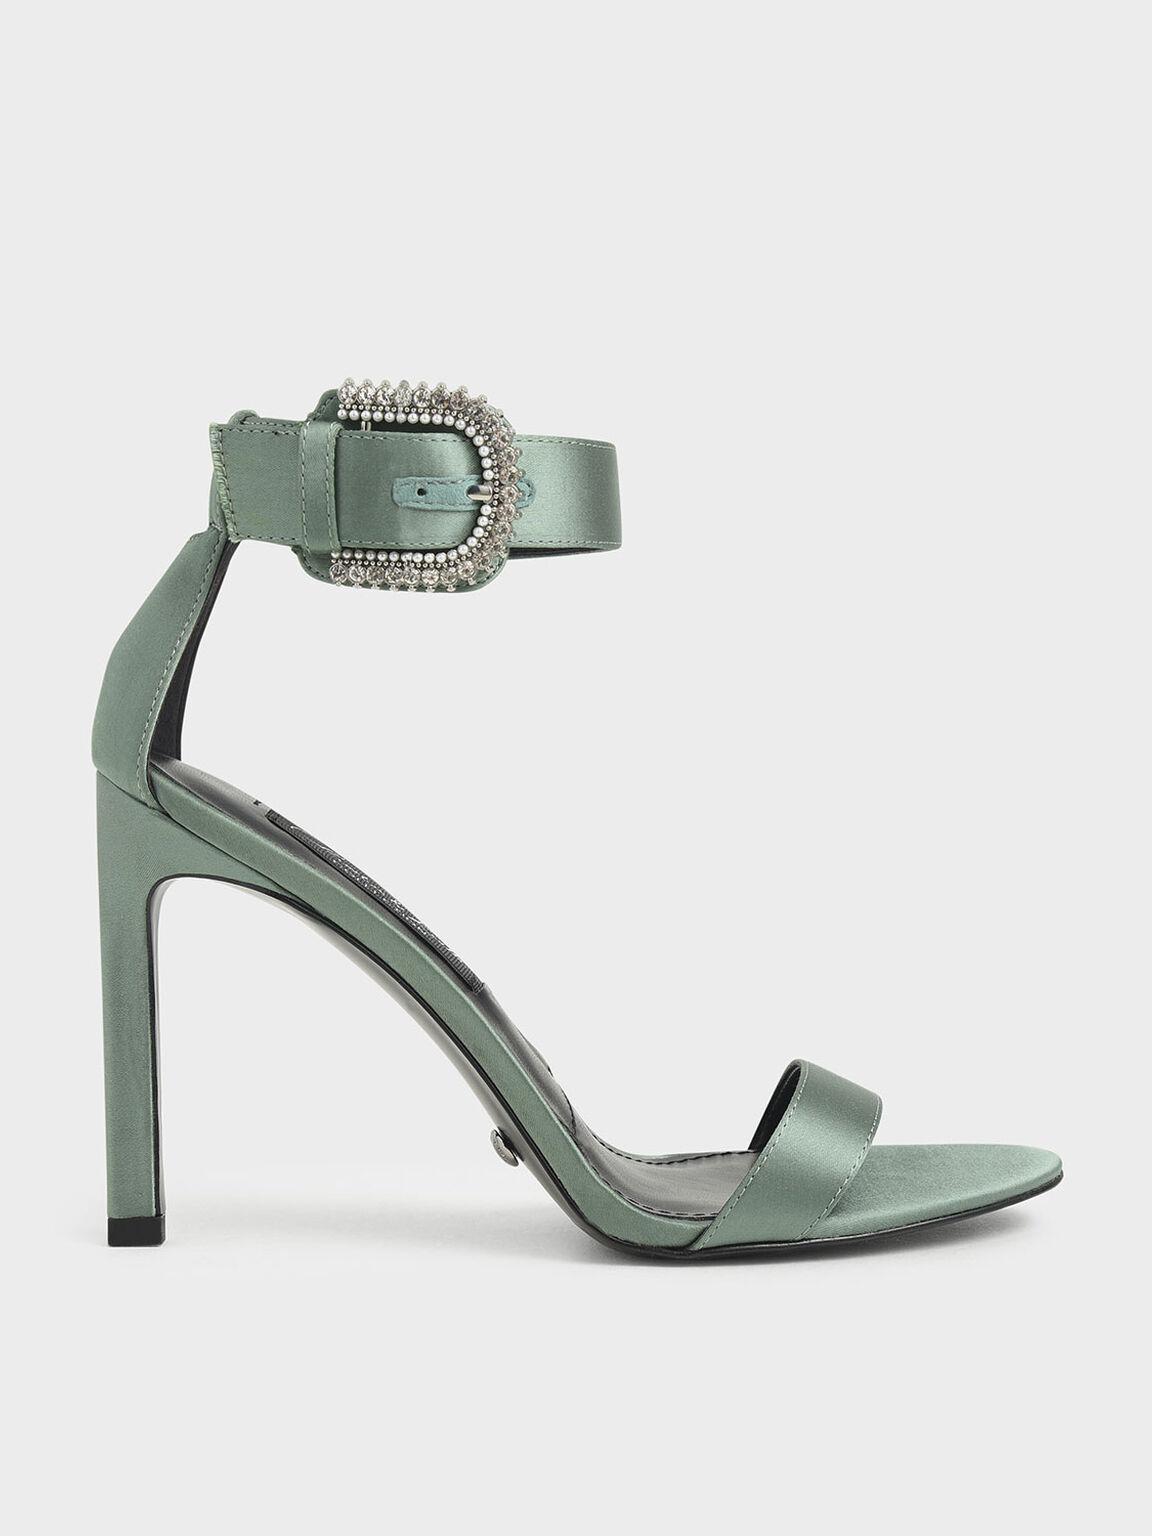 Satin Embellished Buckle Stiletto Heels, Sage Green, hi-res